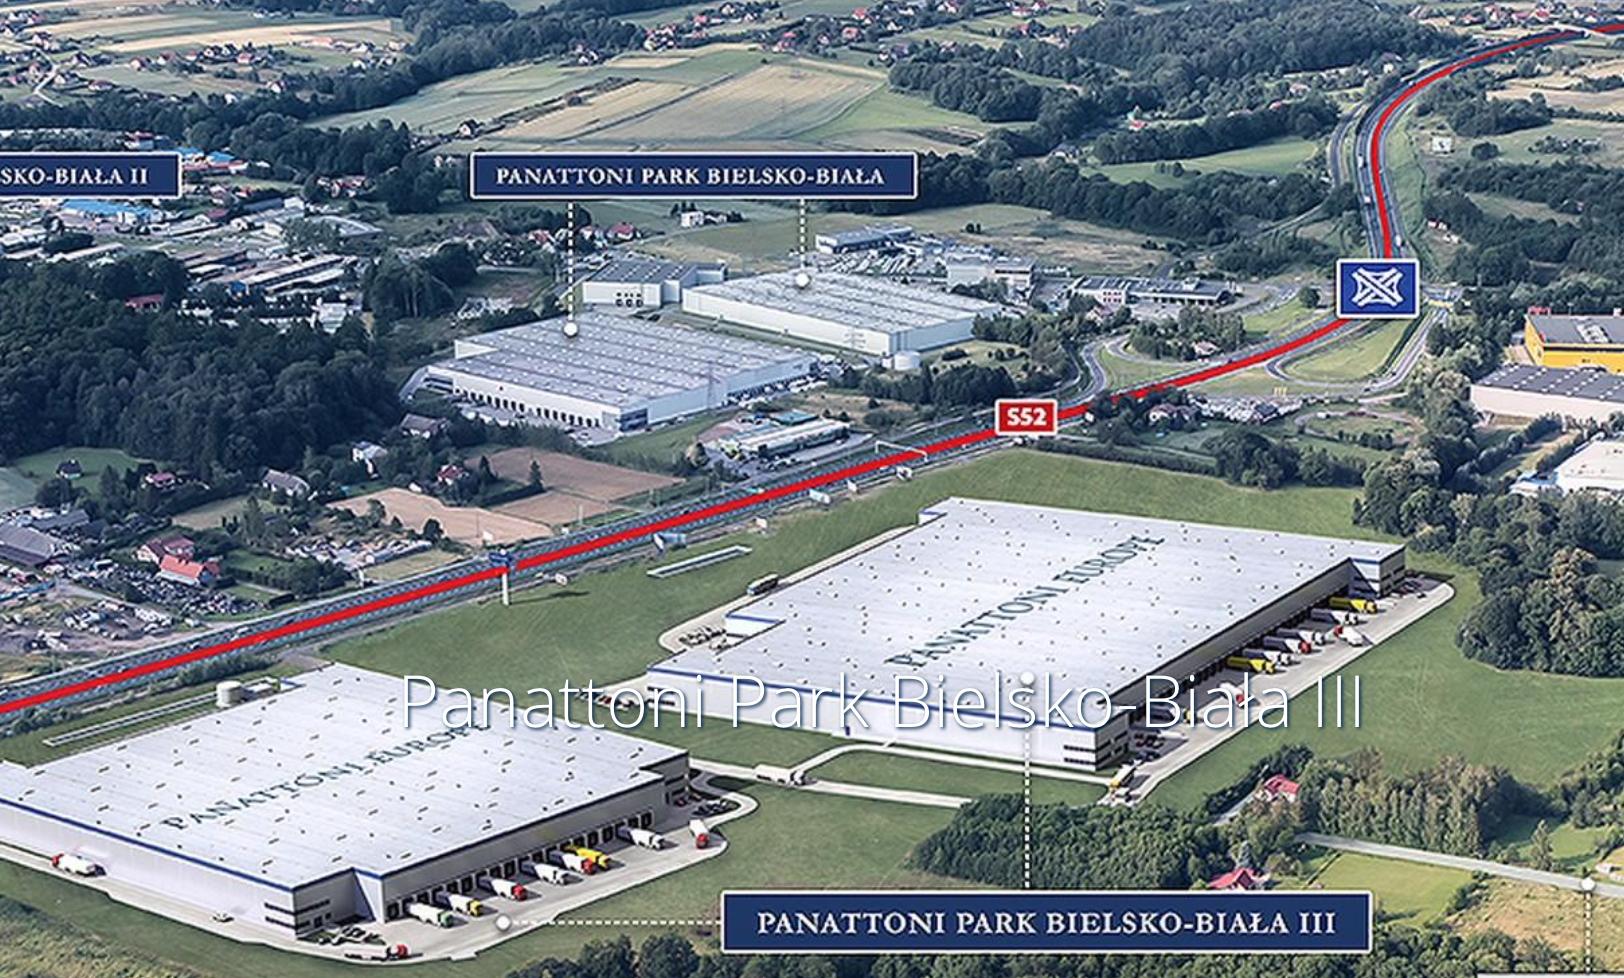 Panattoni Park Bielsko-Biała